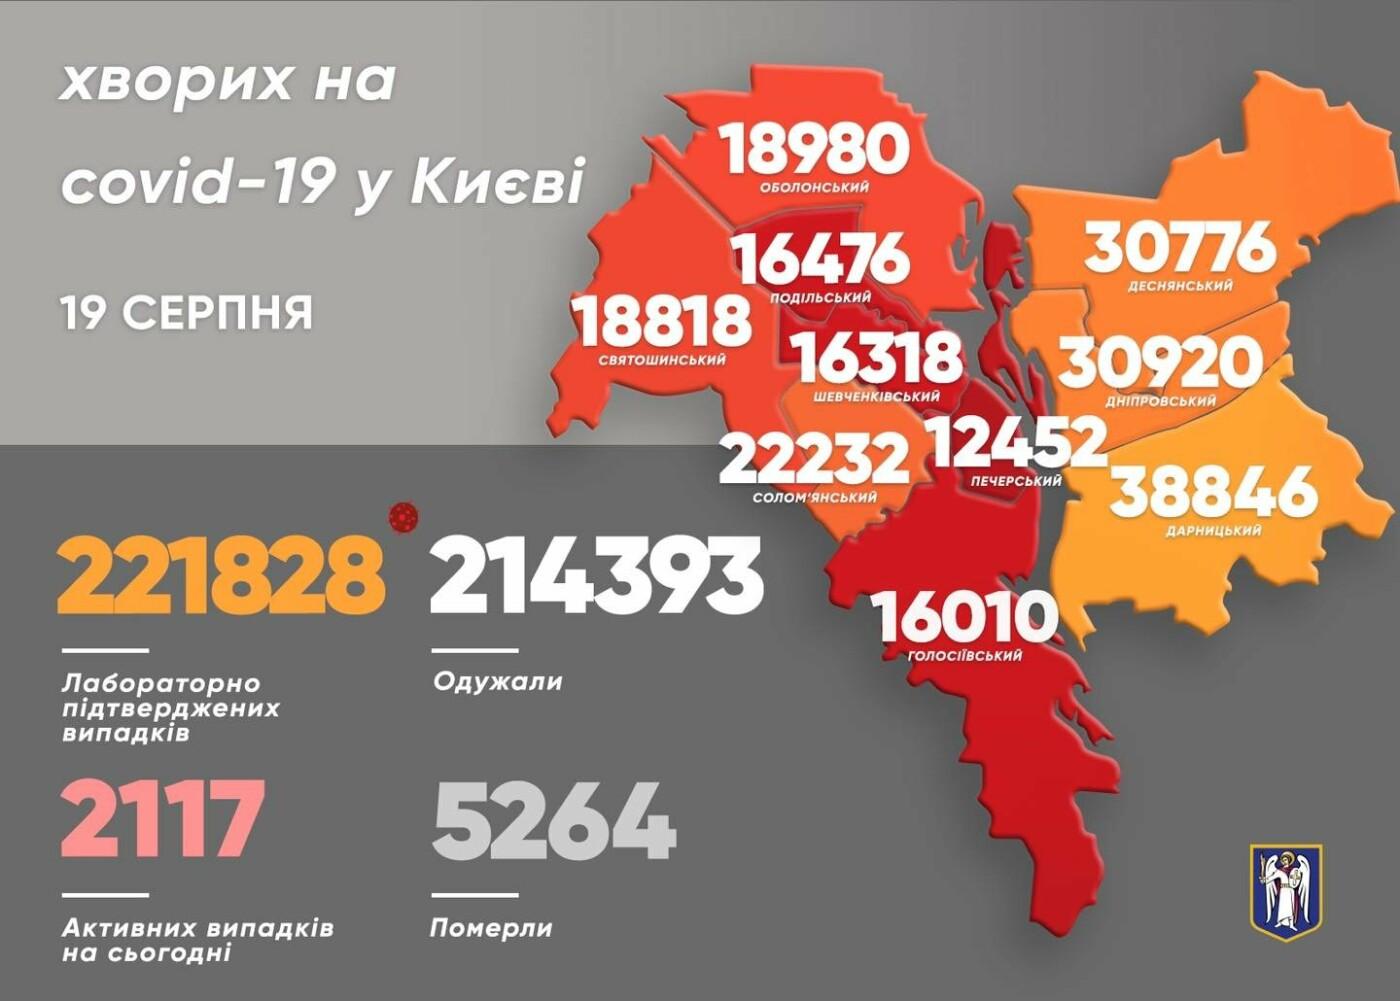 Статистика на 19 августа